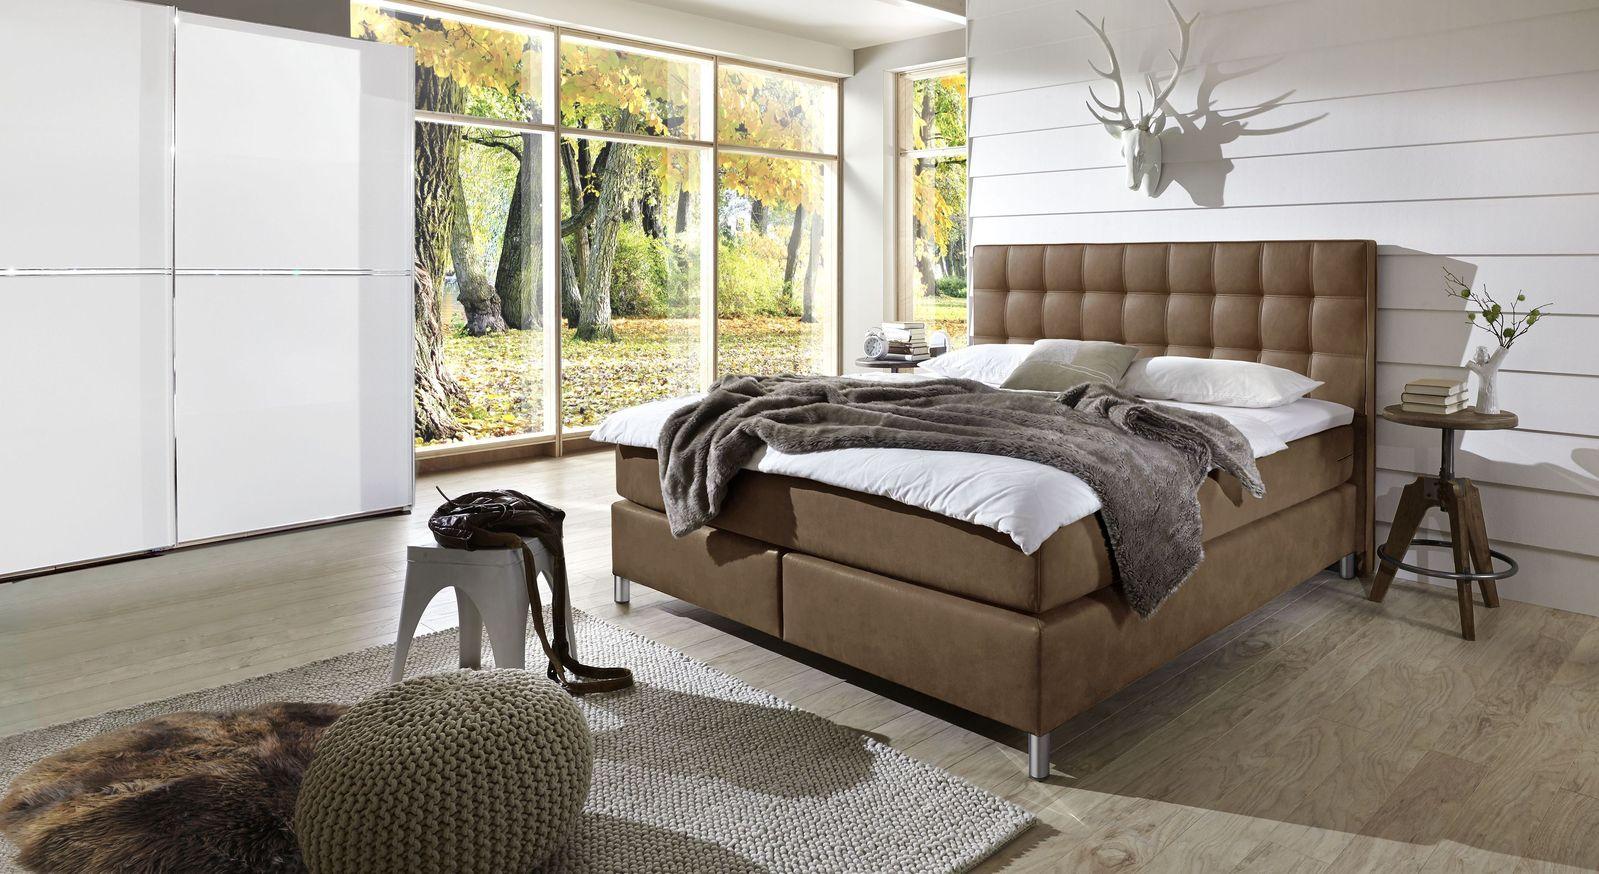 schlafzimmer komplett auf rechnung kaufen zamora. Black Bedroom Furniture Sets. Home Design Ideas